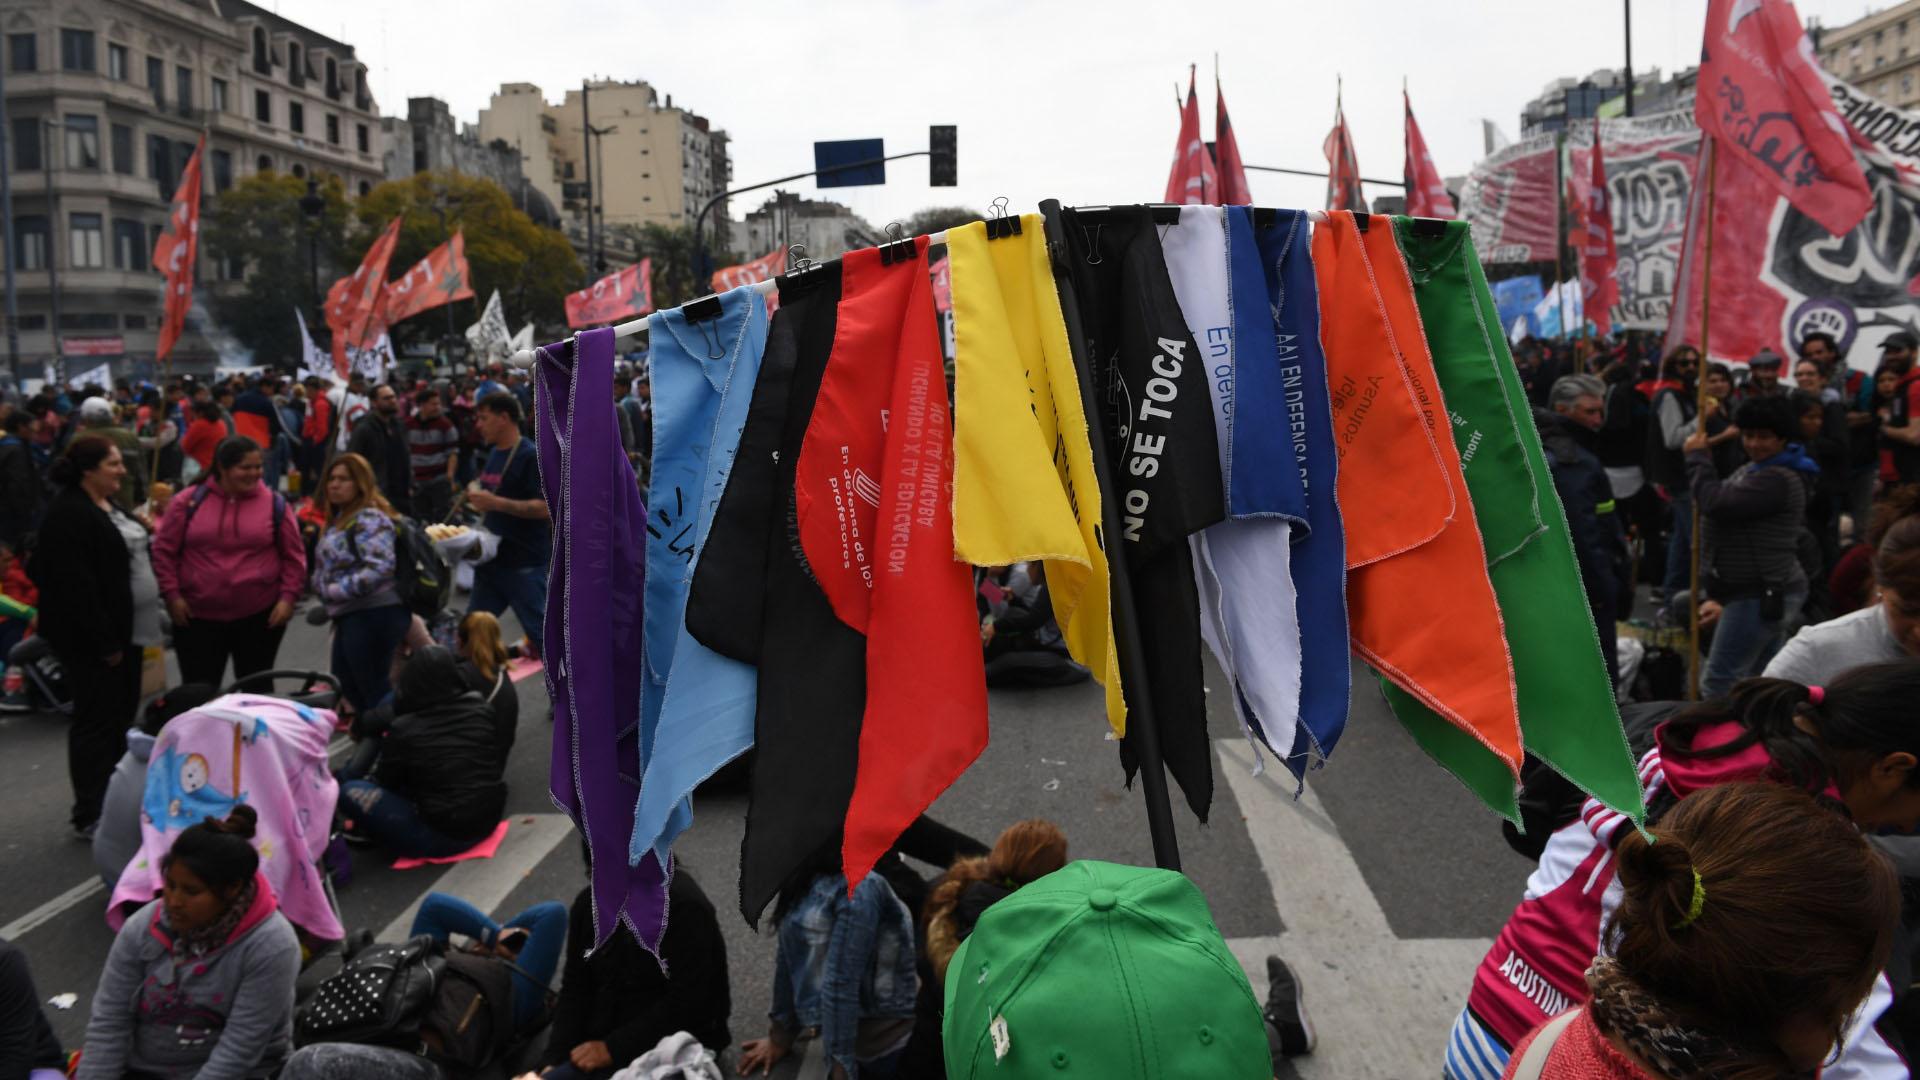 Los pañuelos con diferentes consignas y colores también fueron parte de la marcha